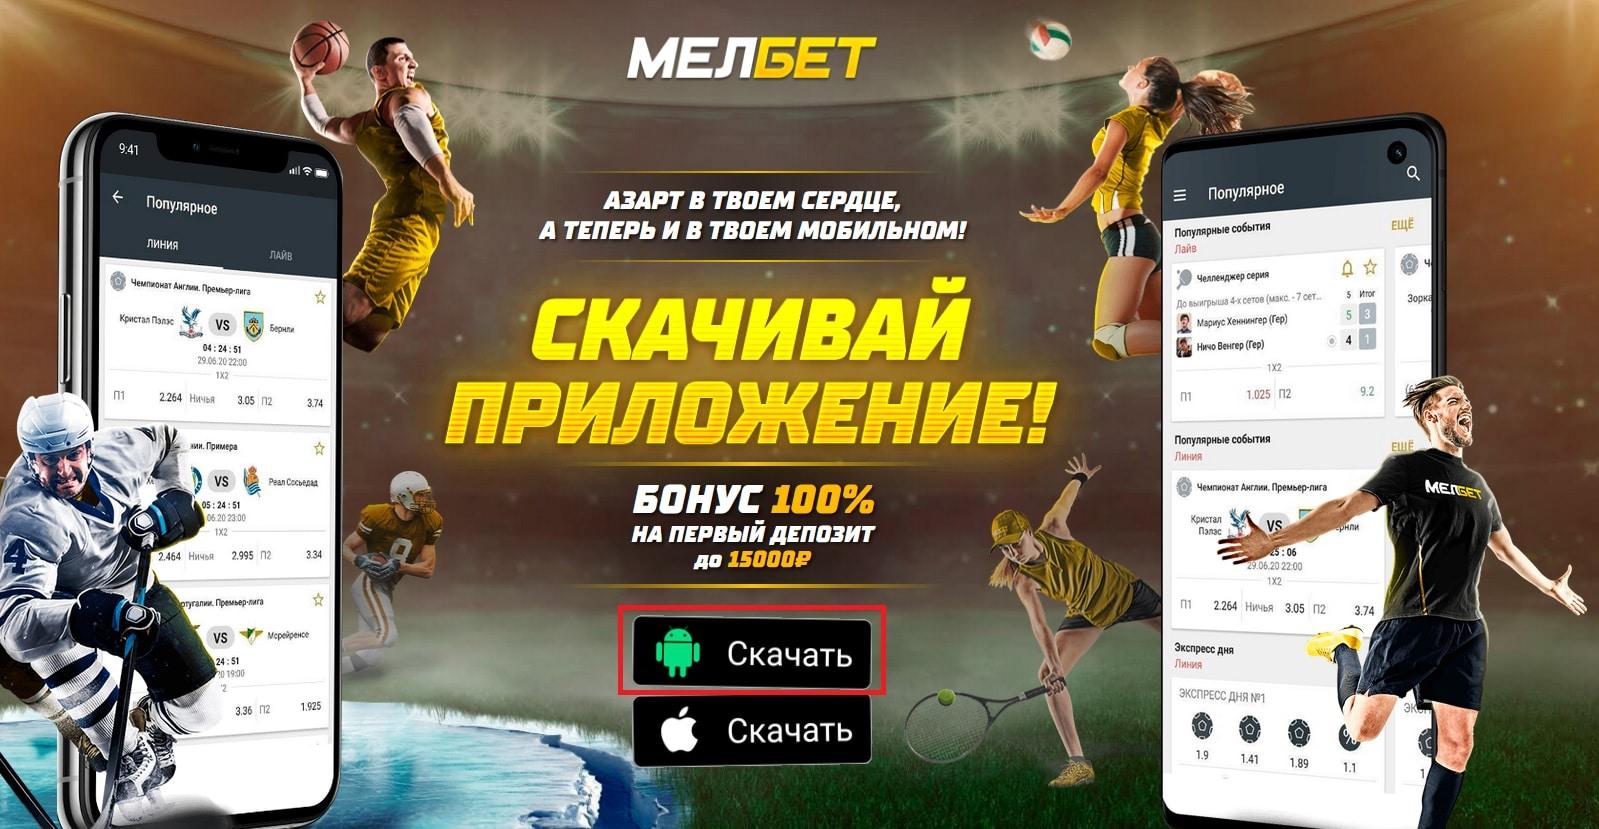 скачать приложение Melbet на Андроид телефон